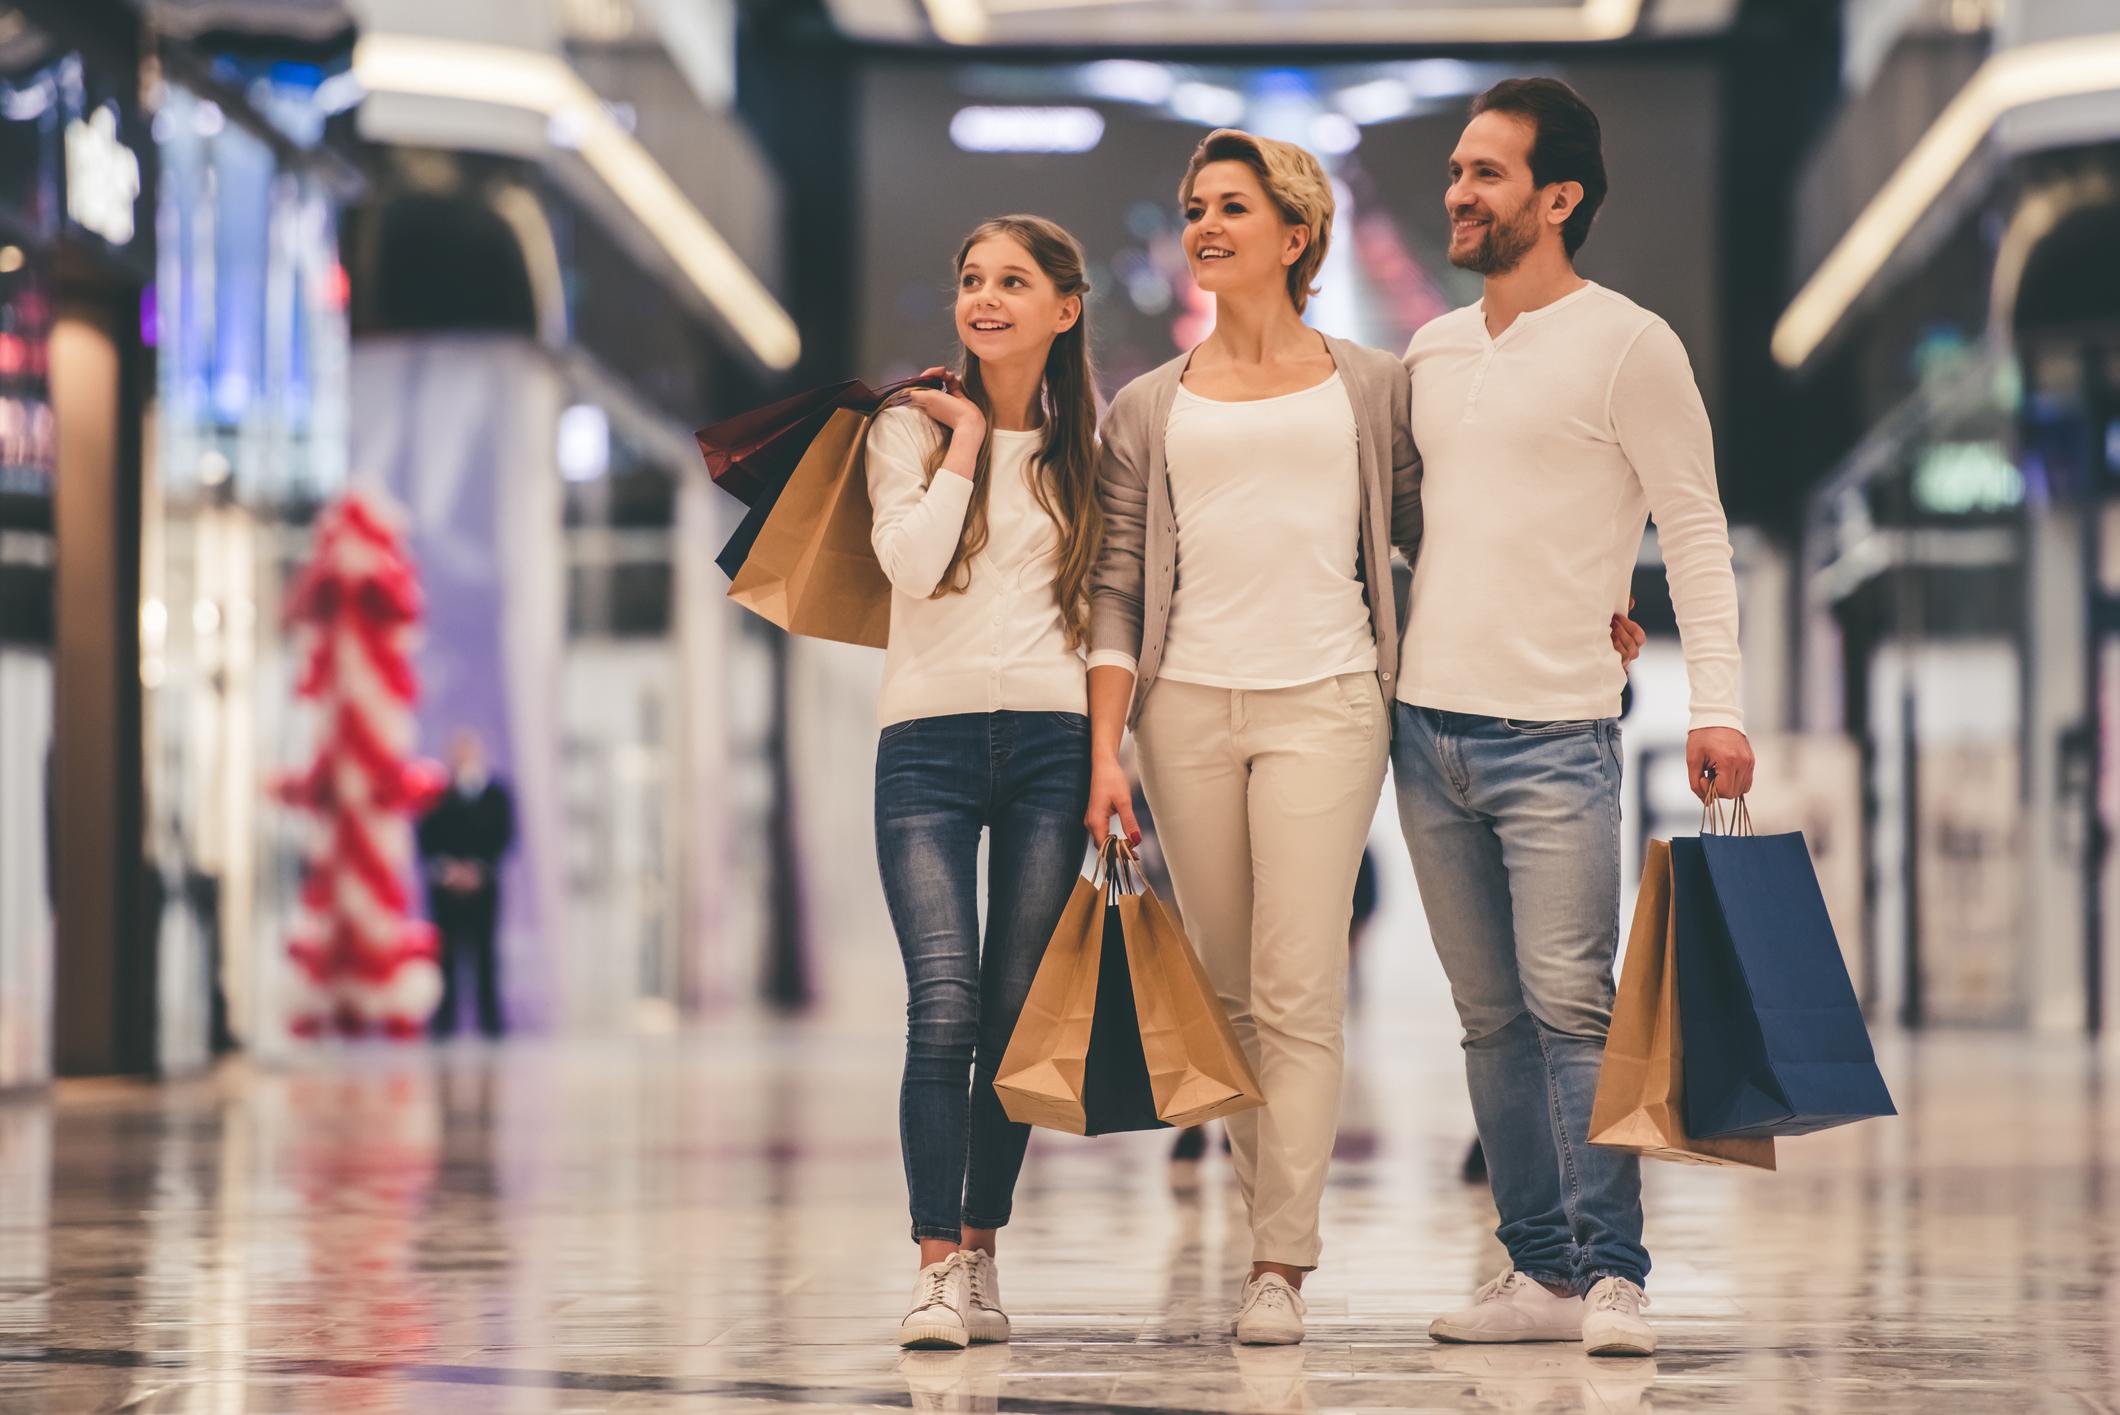 фото шоппинг с фотографией семьи новоселье будет легким